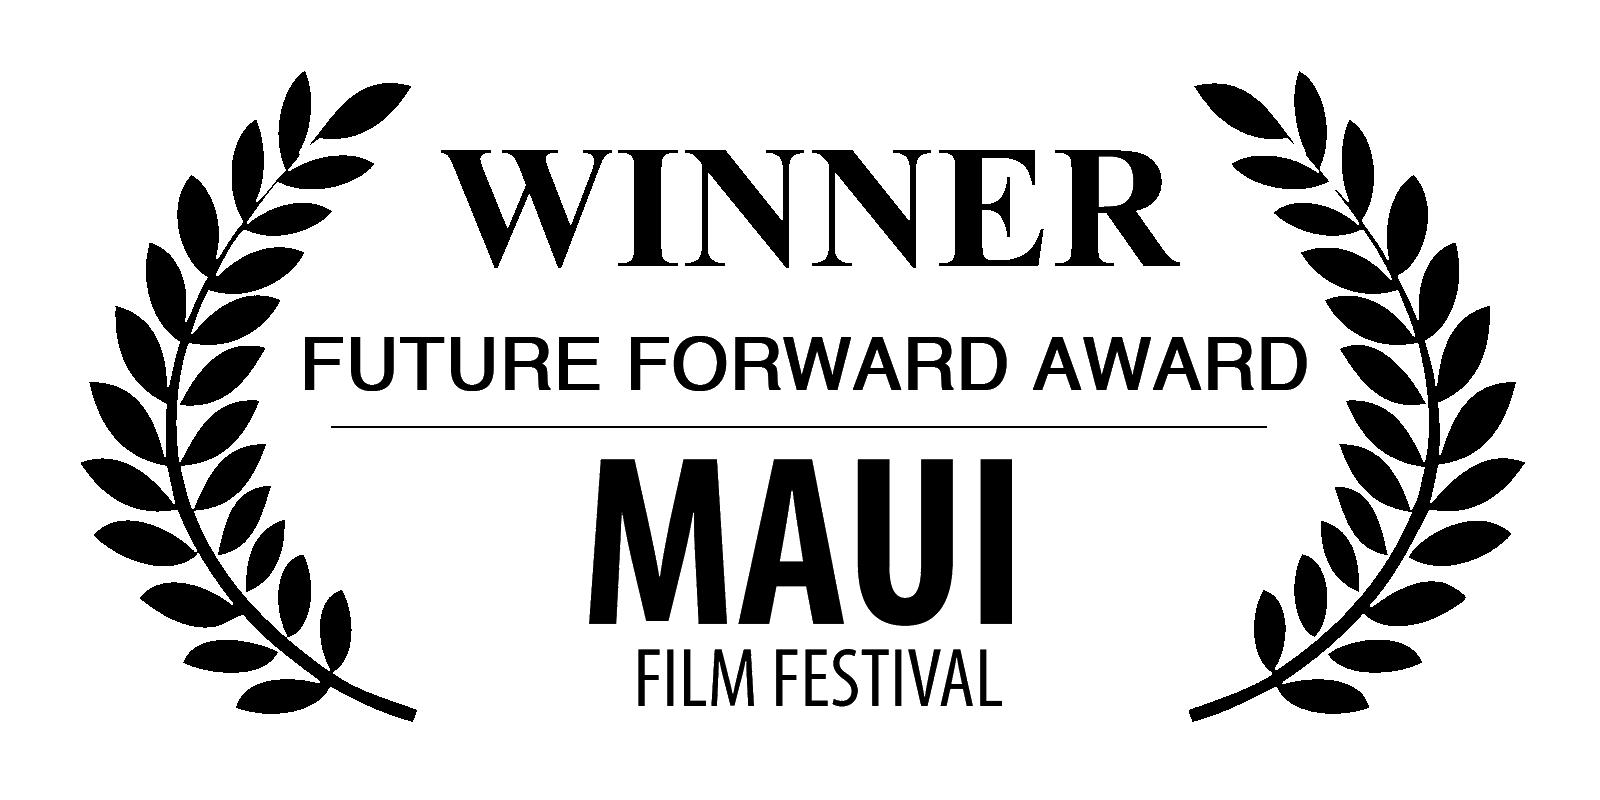 MAUI-FF-FUTURE-FORWARD-AWARD-2.png